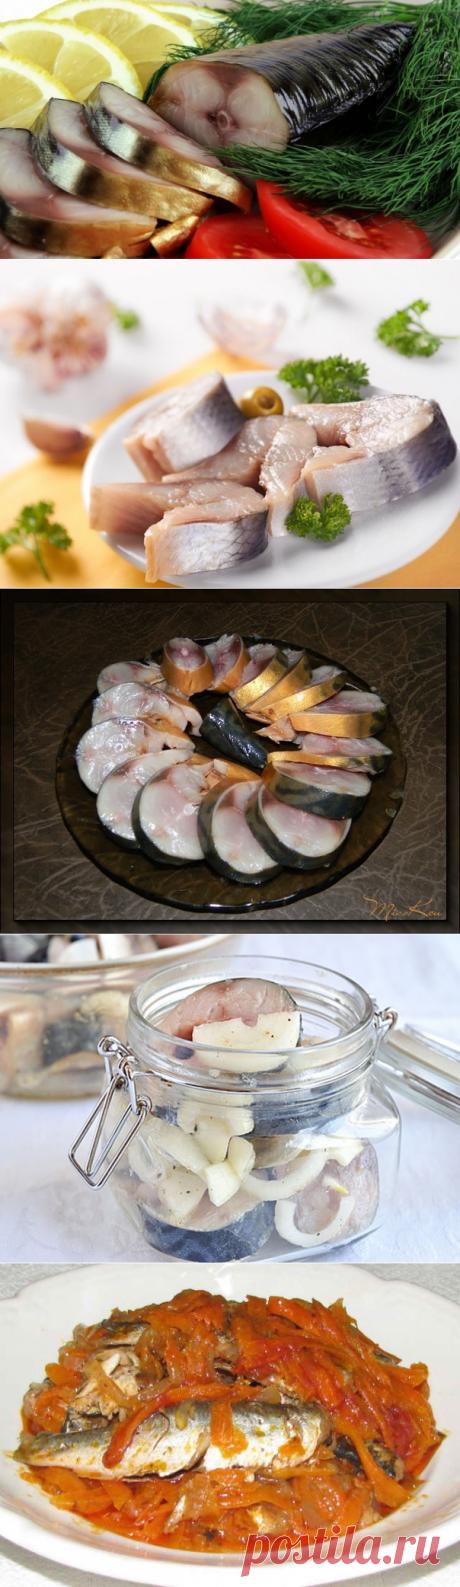 Солёная, маринованная, копчёная рыбка легко! Самые вкусные рецепты! — Вкусные рецепты